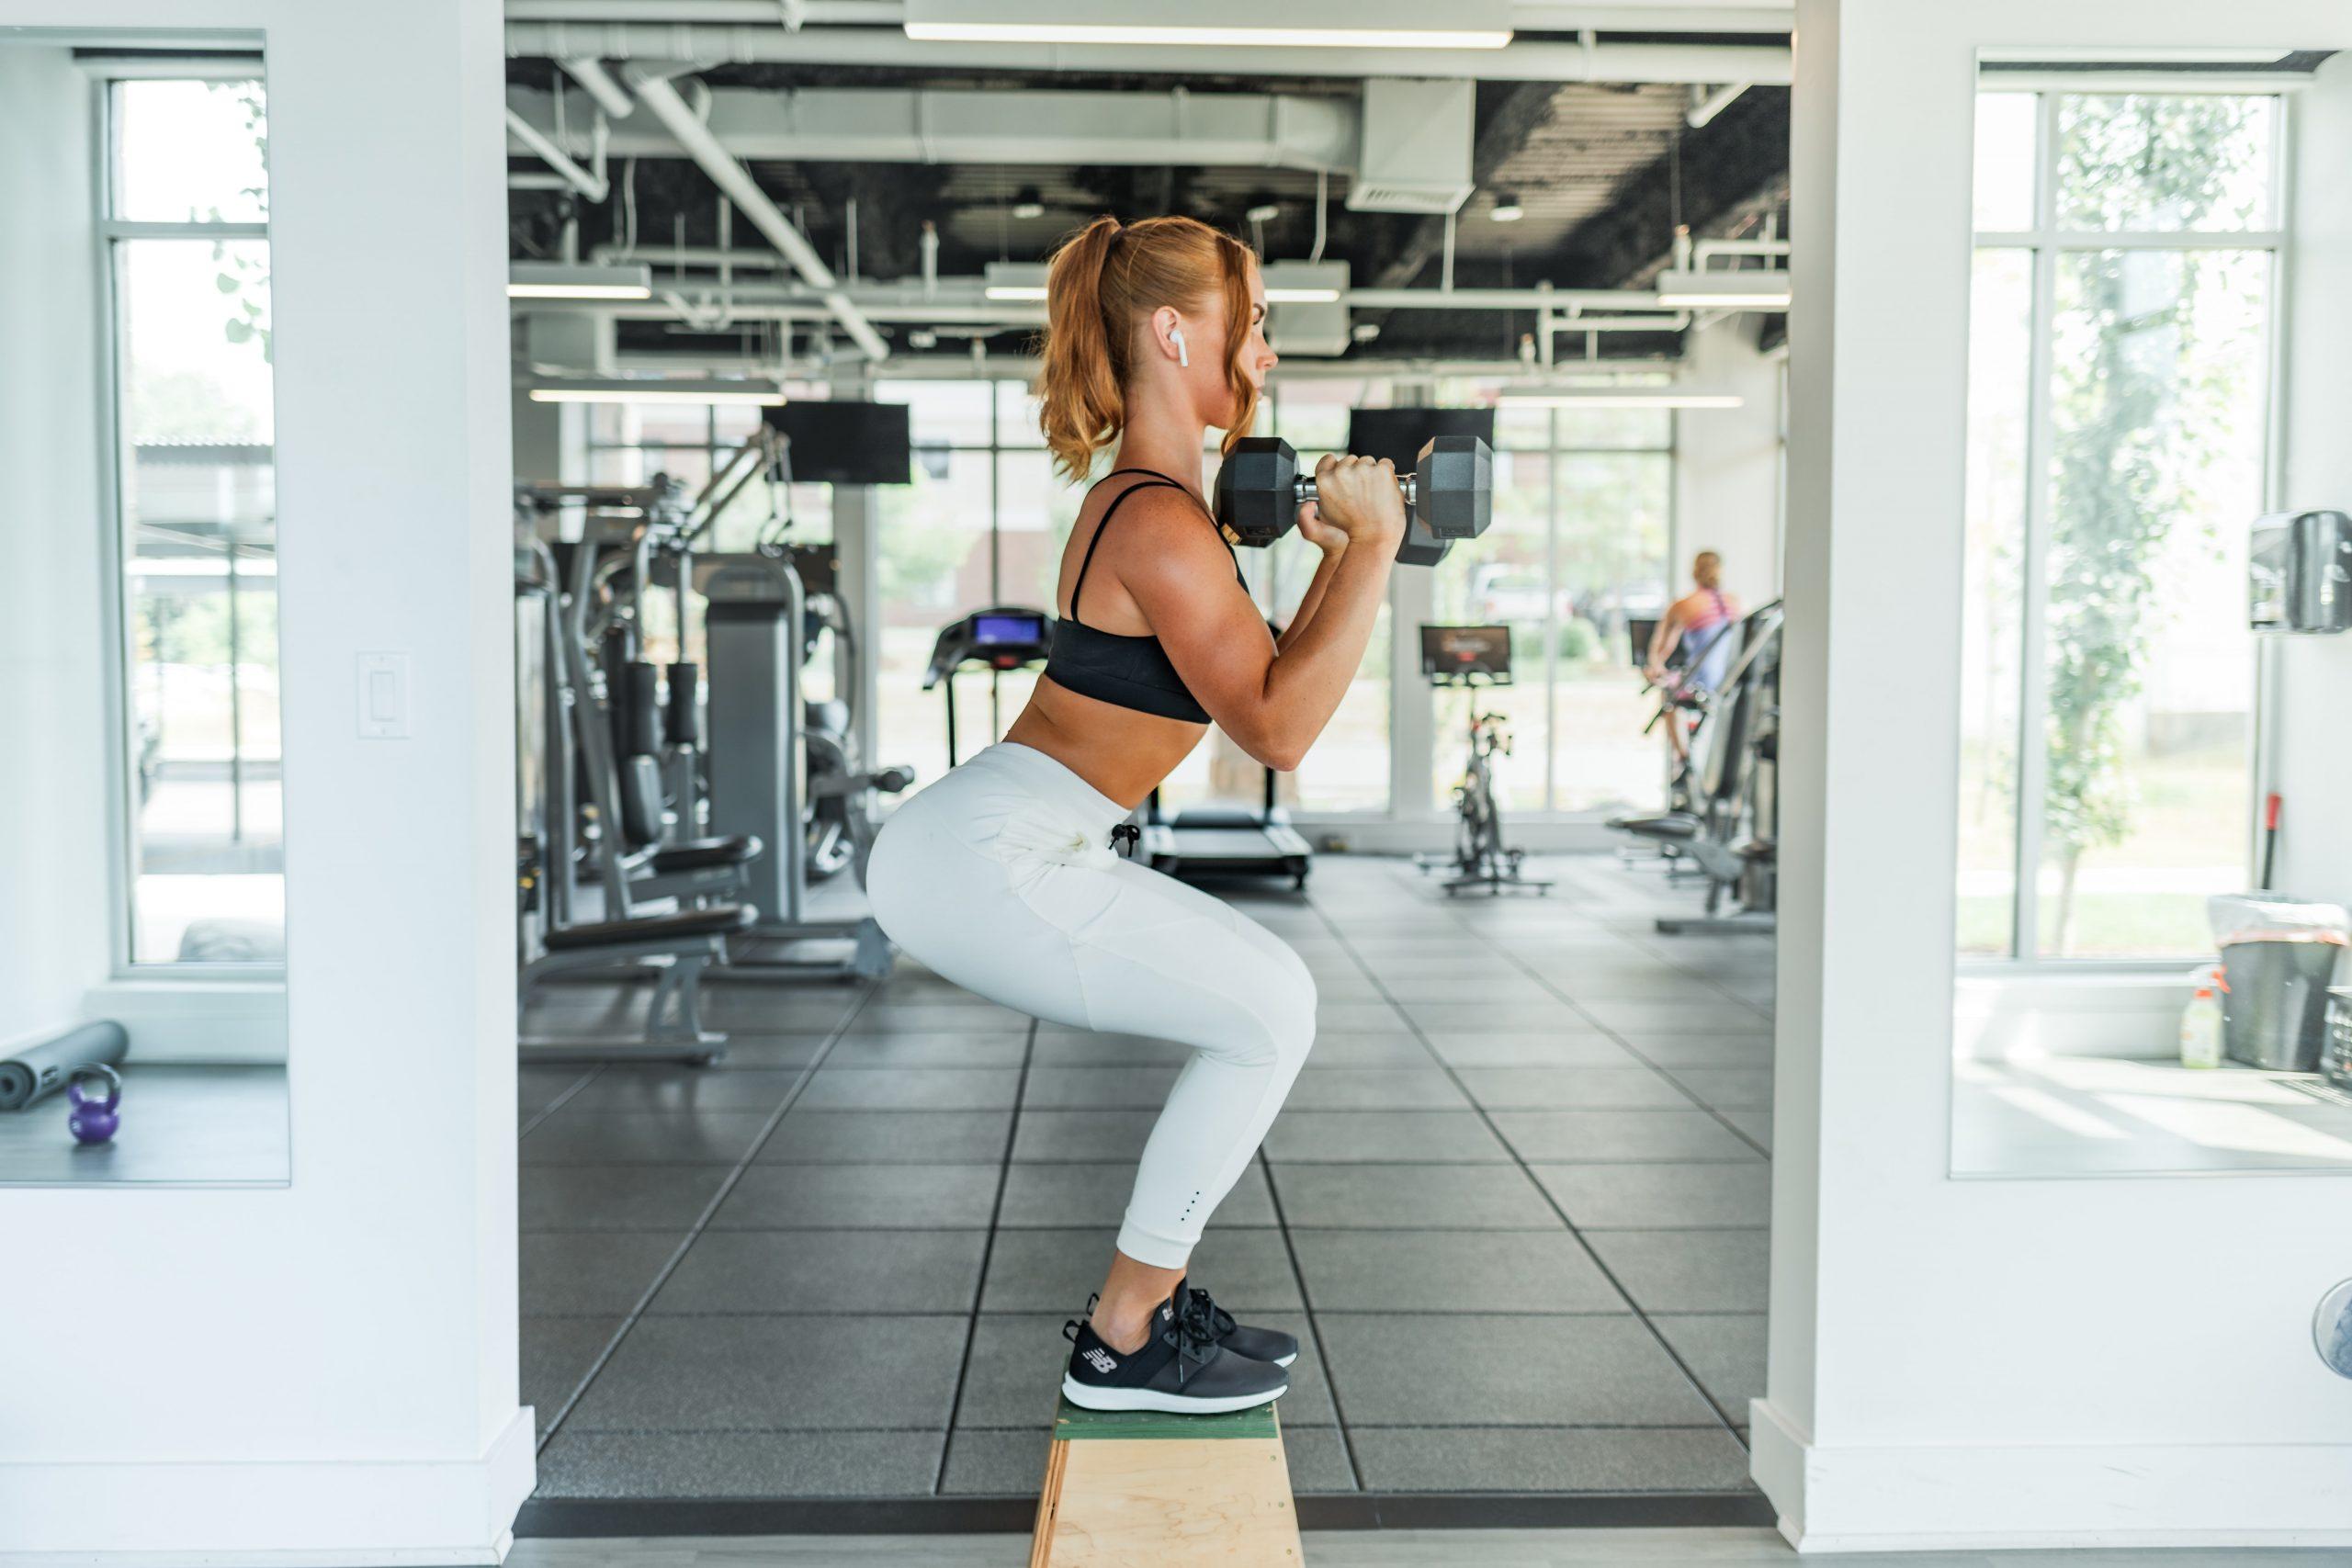 Mujer haciendo sentadillas en gimnasio